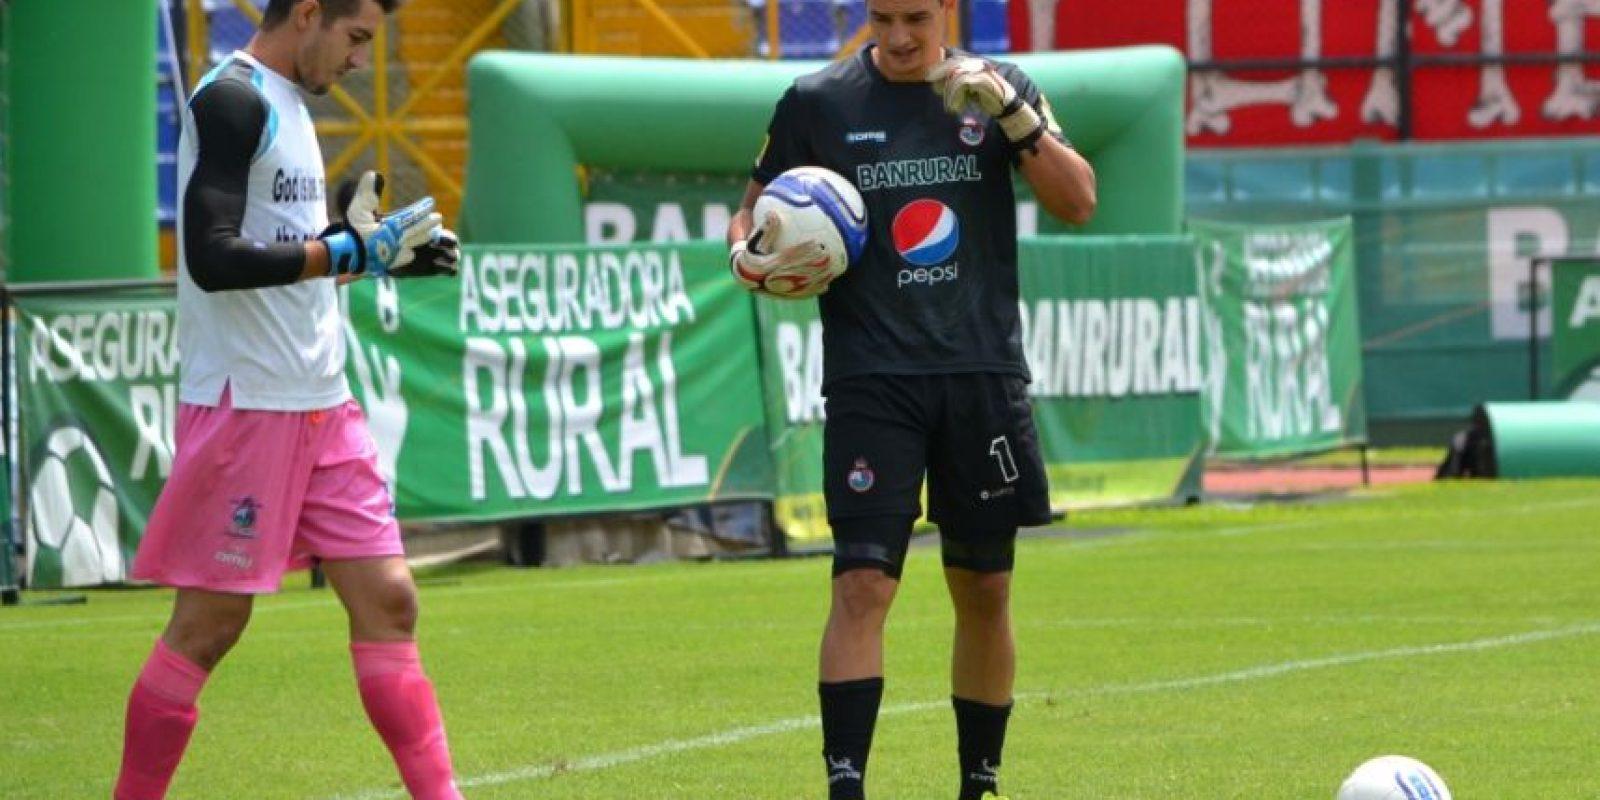 Foto:ligasdeguate.com